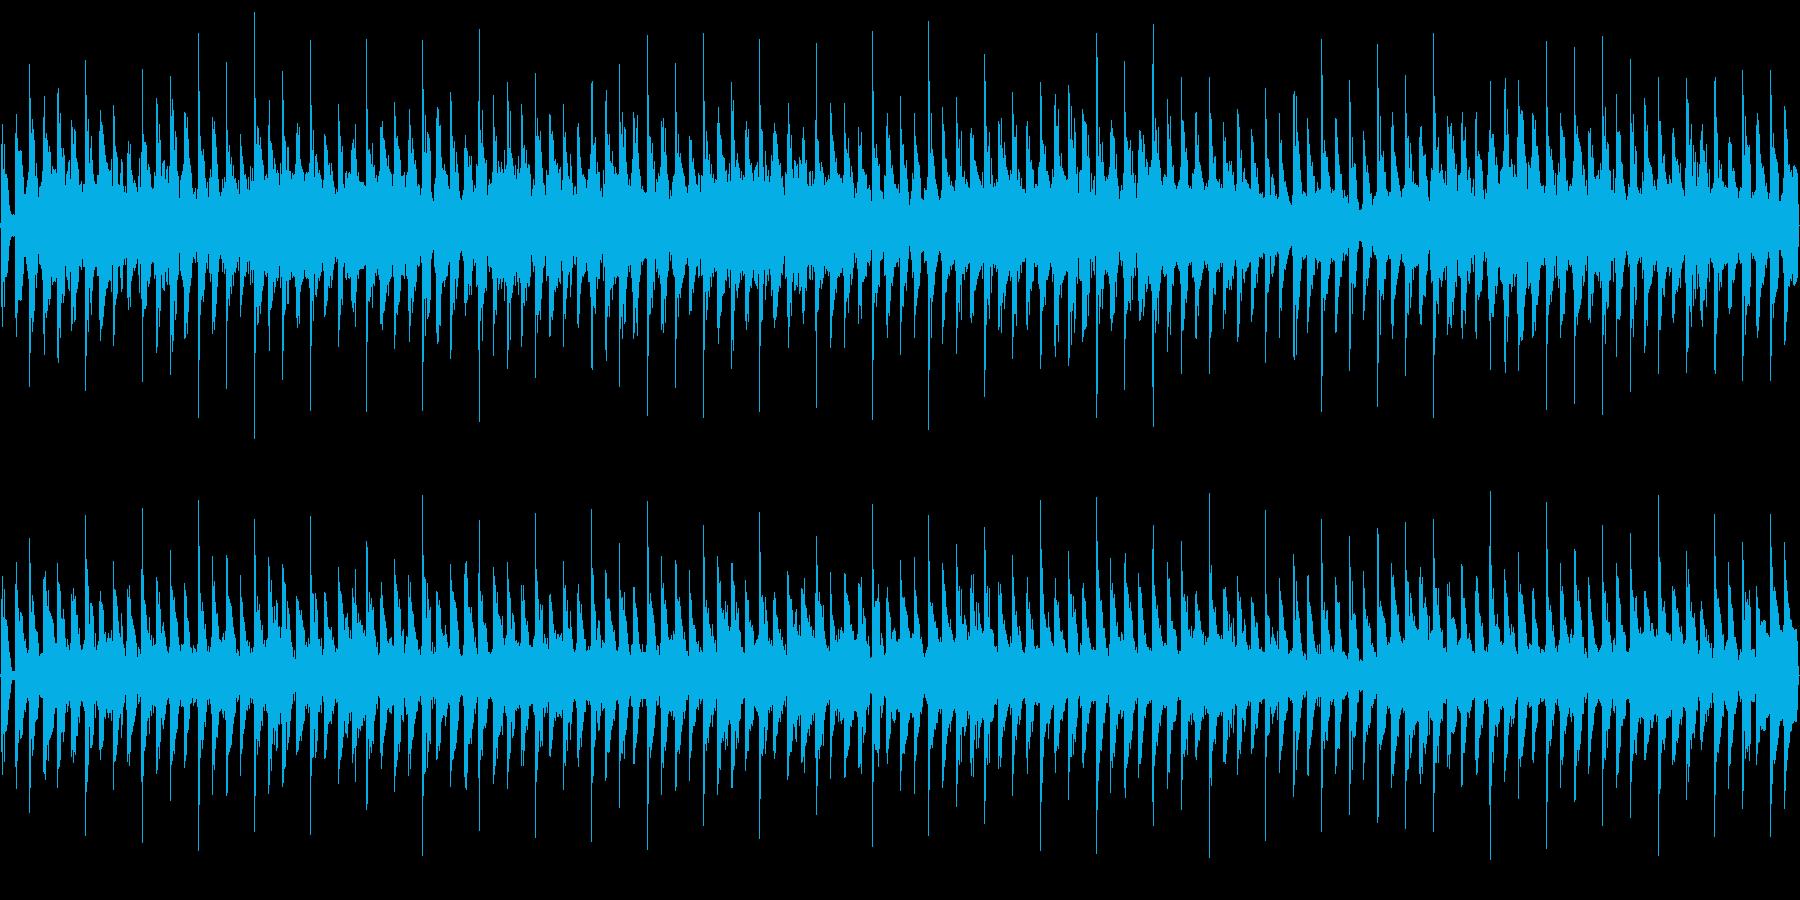 パズル想定のループ可4つ打ちテクノポップの再生済みの波形